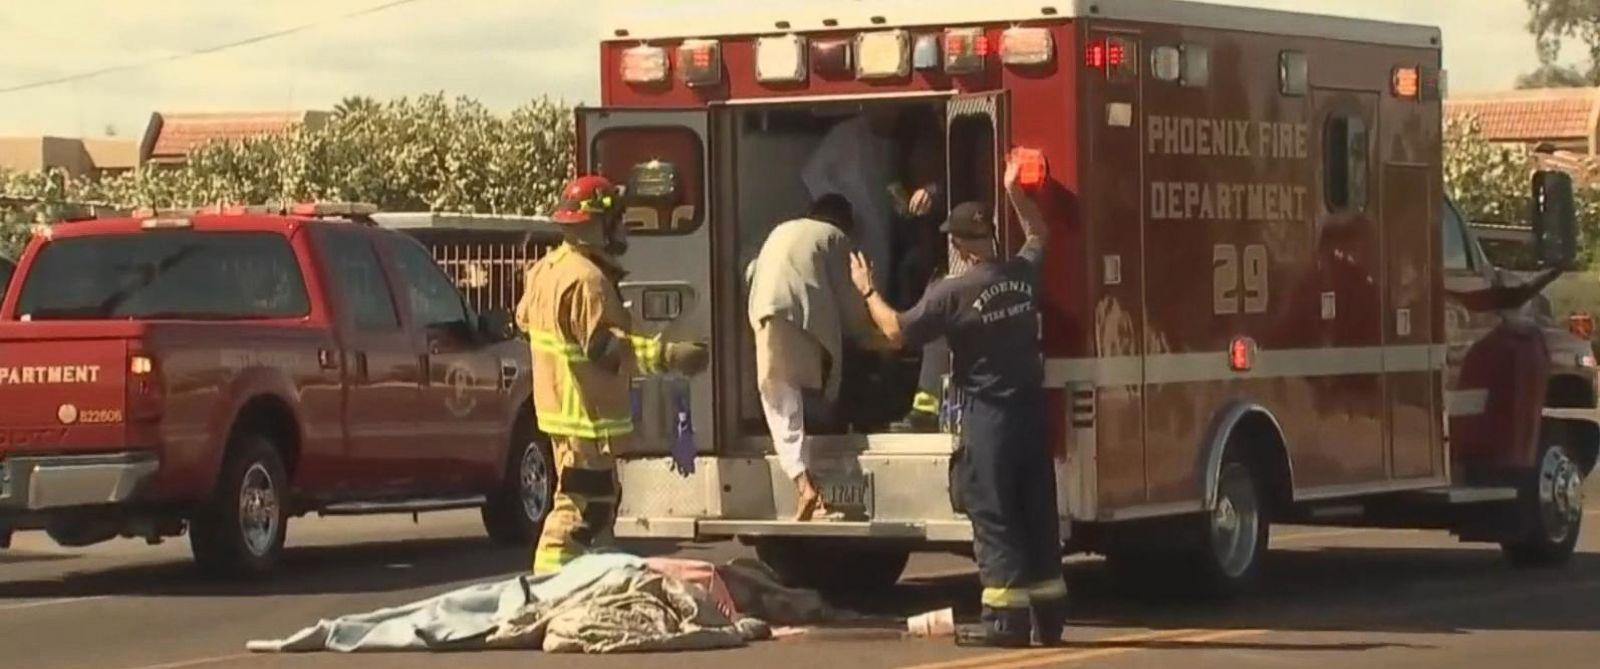 По крайней мере 20 человек пострадали от укусов пчел в мечети Аризоны